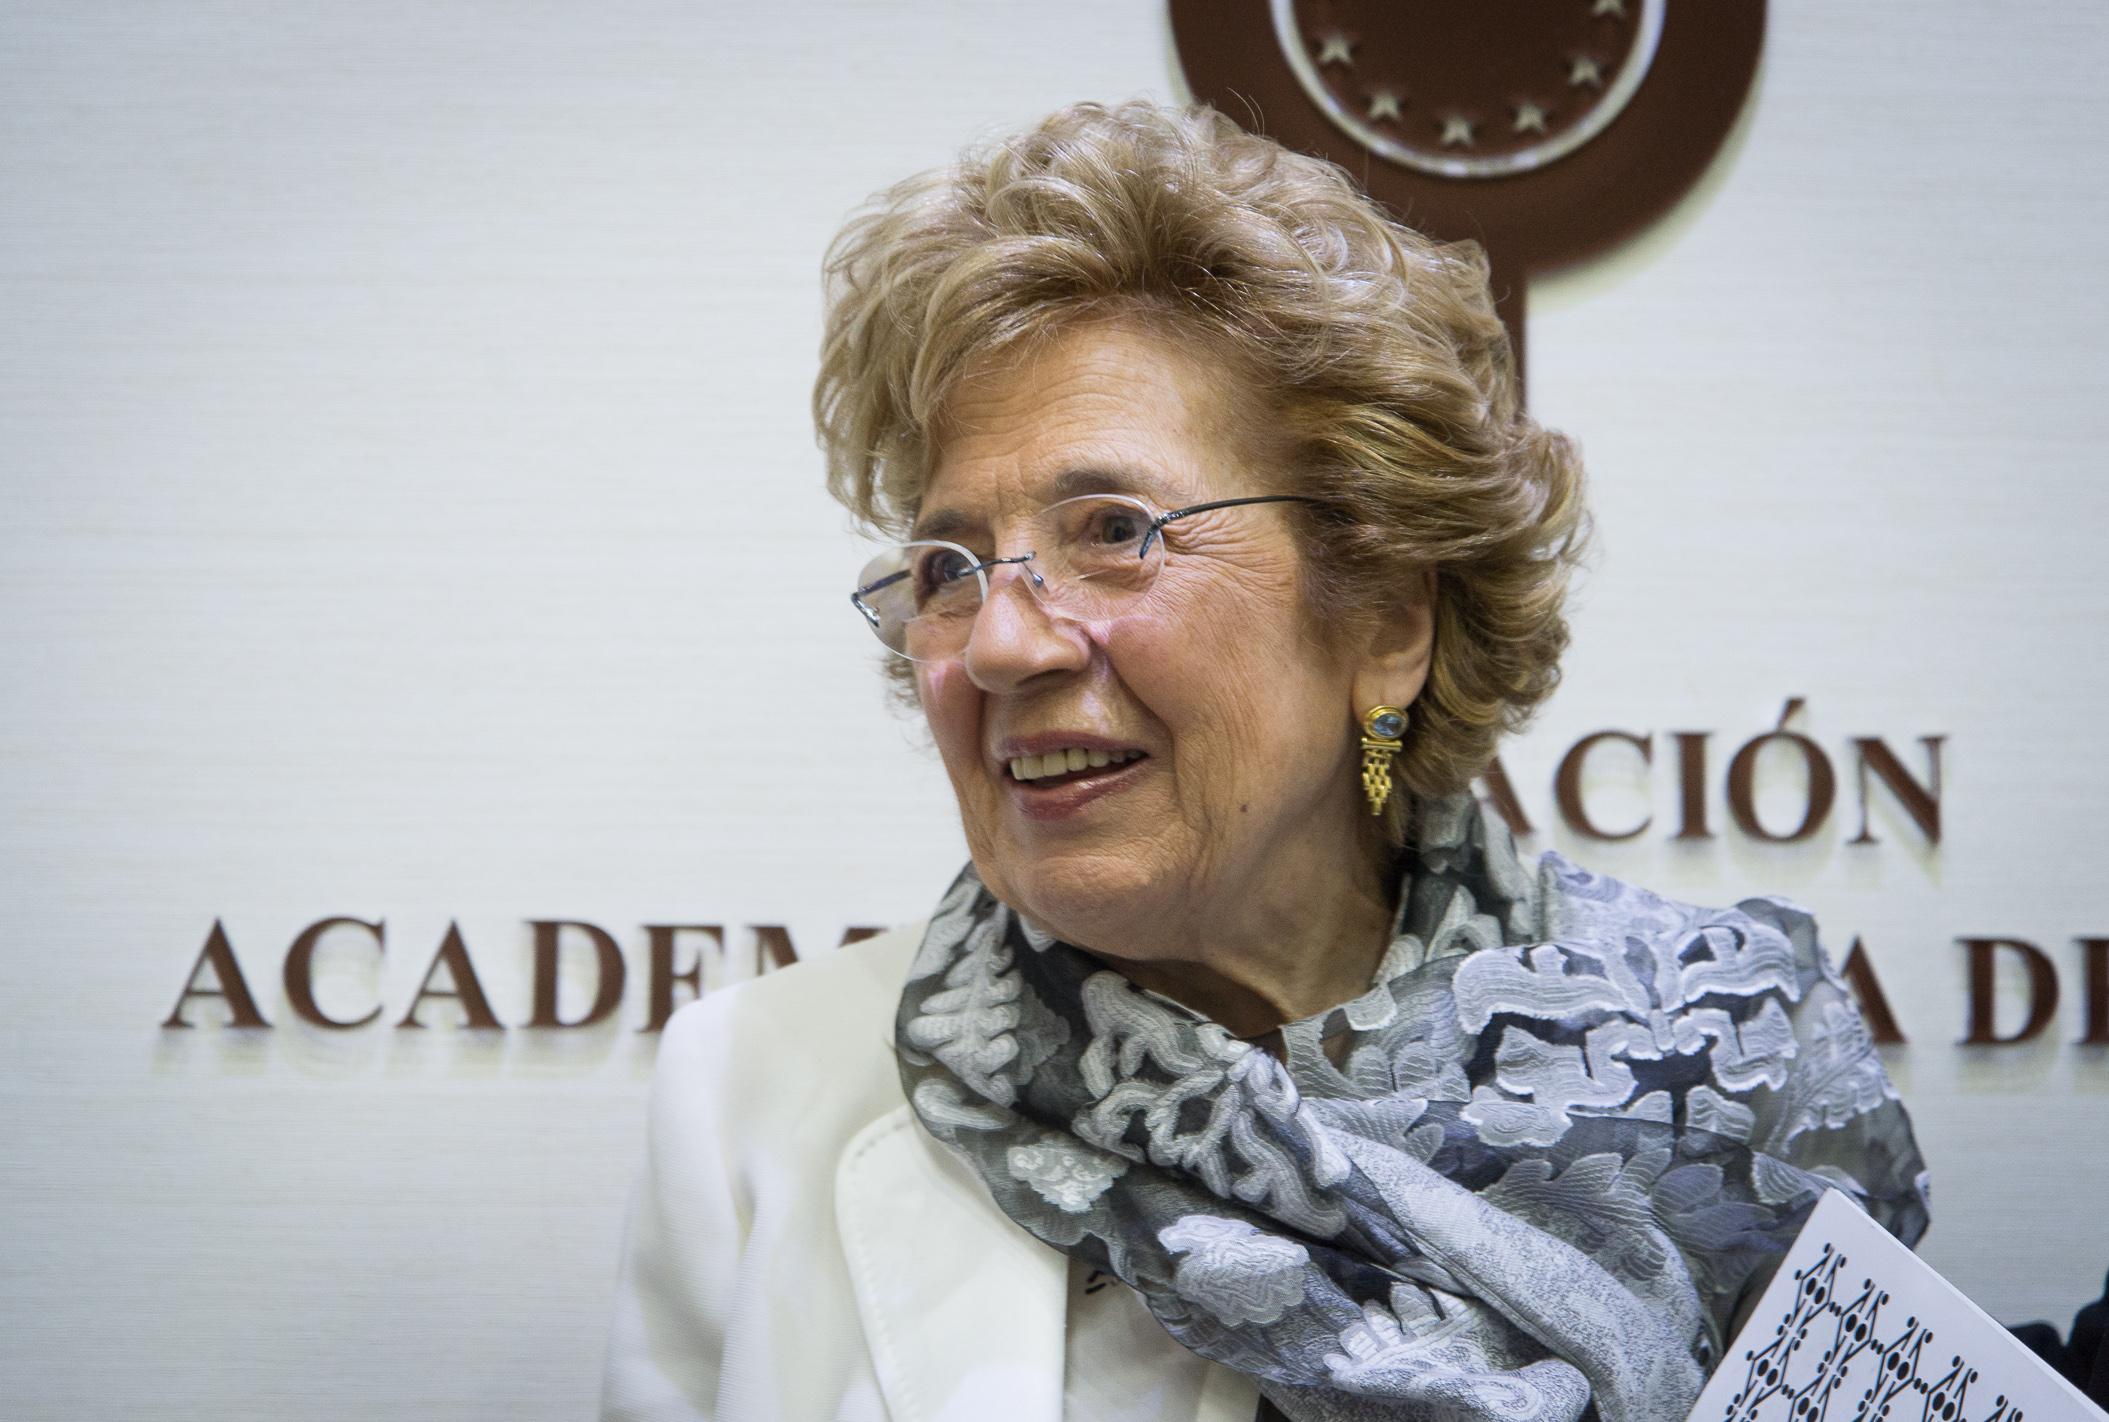 La Fondazione Accademia Europea di Yuste ha emesso un bando per l'assegnazione di 10 borse di studio per la ricerca e la mobilità nell'ambito degli studi europei, Premio Europeo Carlos V-Sofia Corradi, Mamma Erasmus